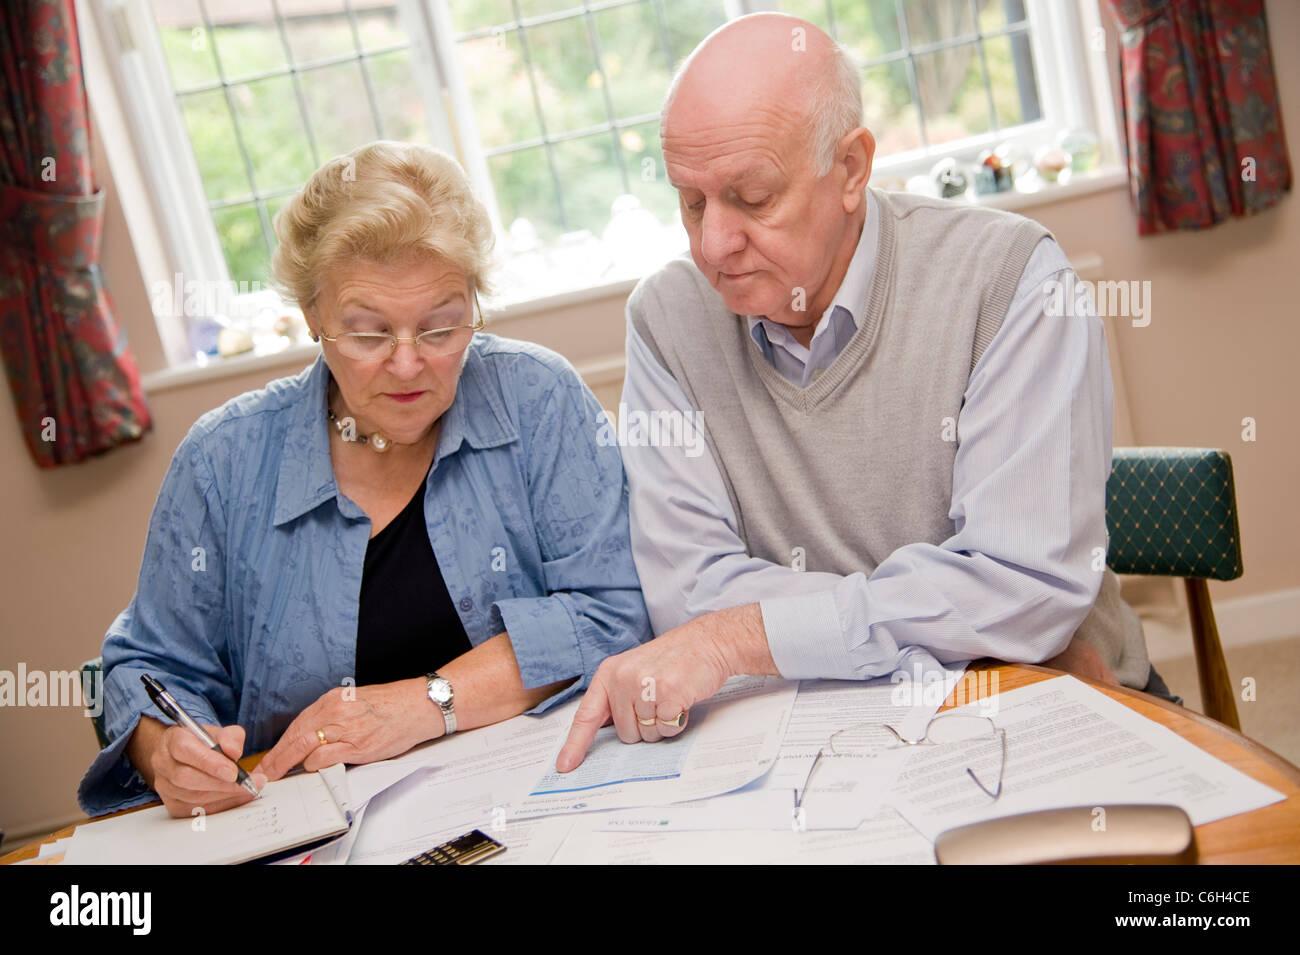 Älteres Paar gemeinsam ihre Finanzen Stockfoto